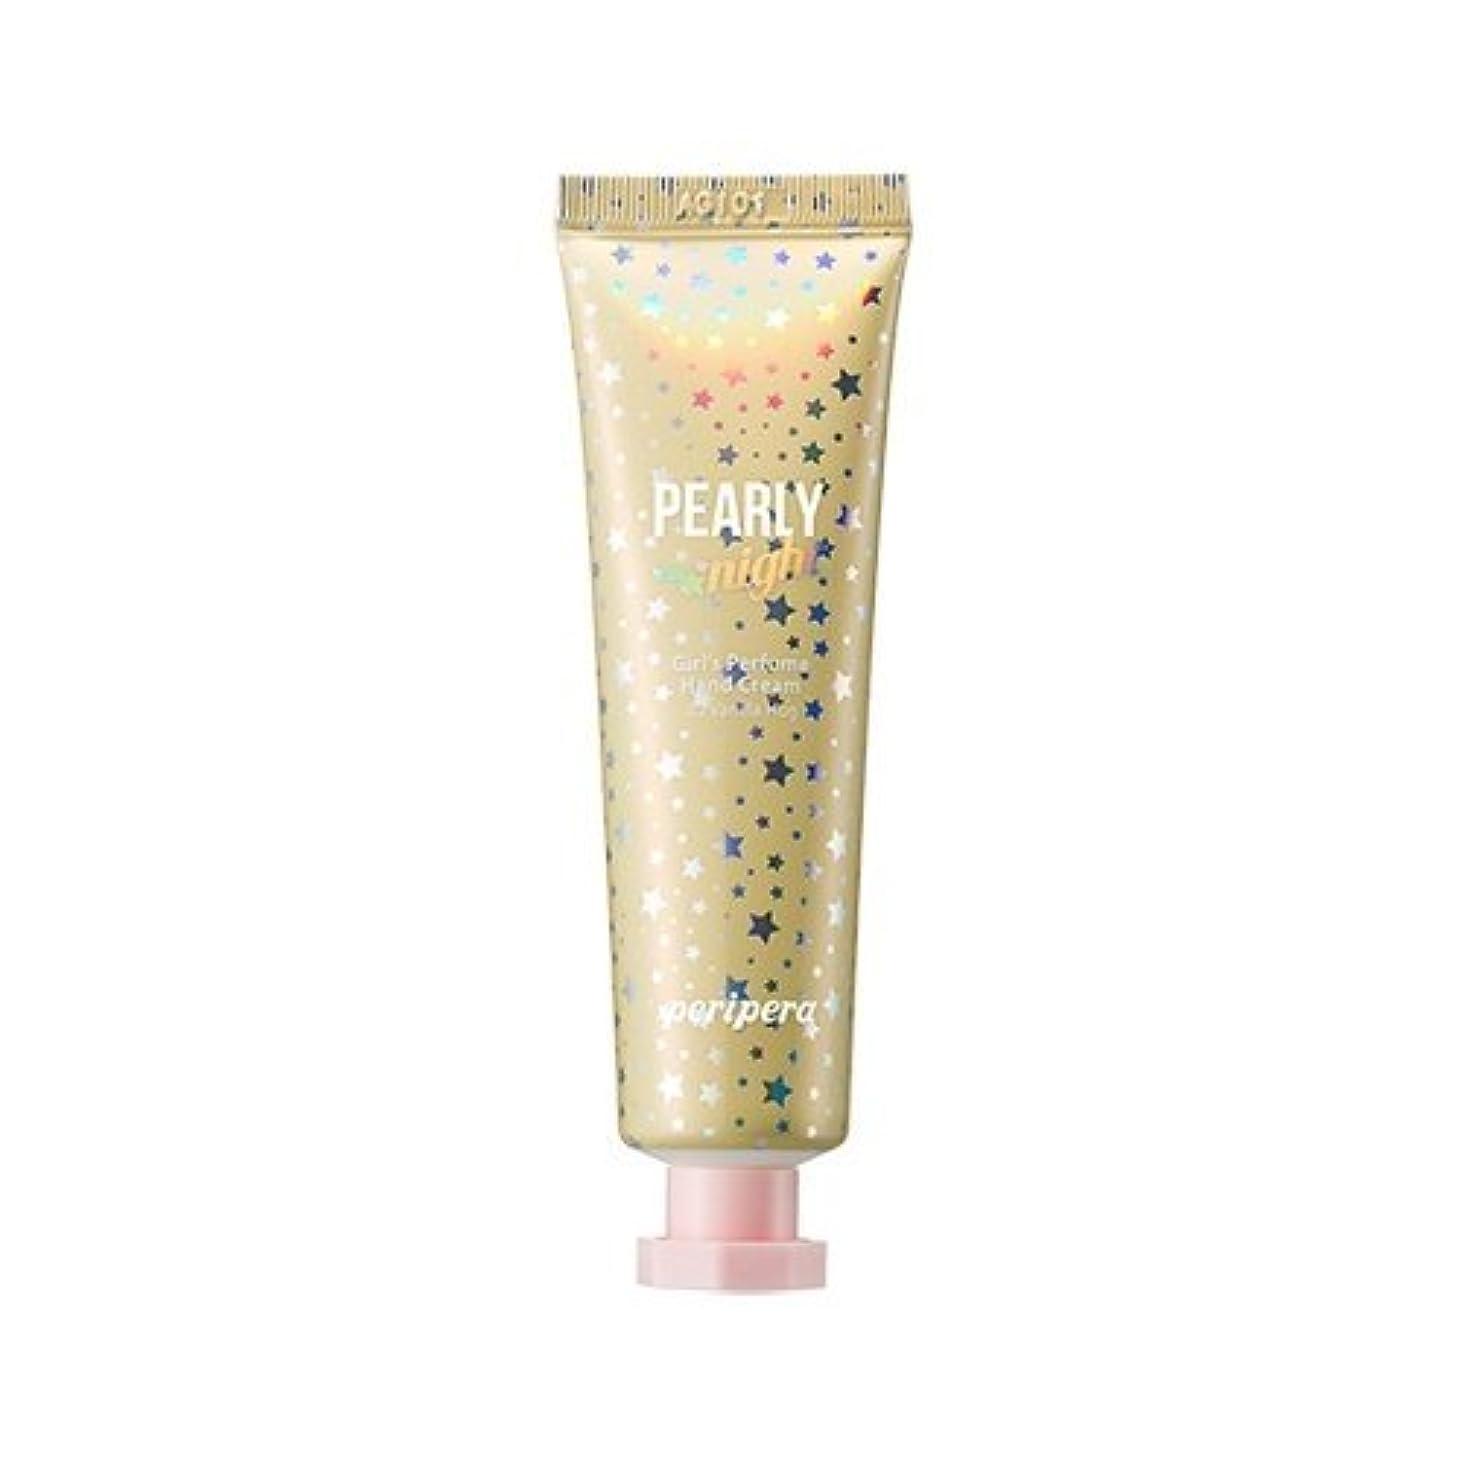 に対処する瞑想ディンカルビルPERIPERA Pearly Night Girls Perfume Hand Cream (#002 Vanila Hug) / ペリペラ [ホリデー限定] パーリーナイト パフューム ハンドクリーム [並行輸入品]